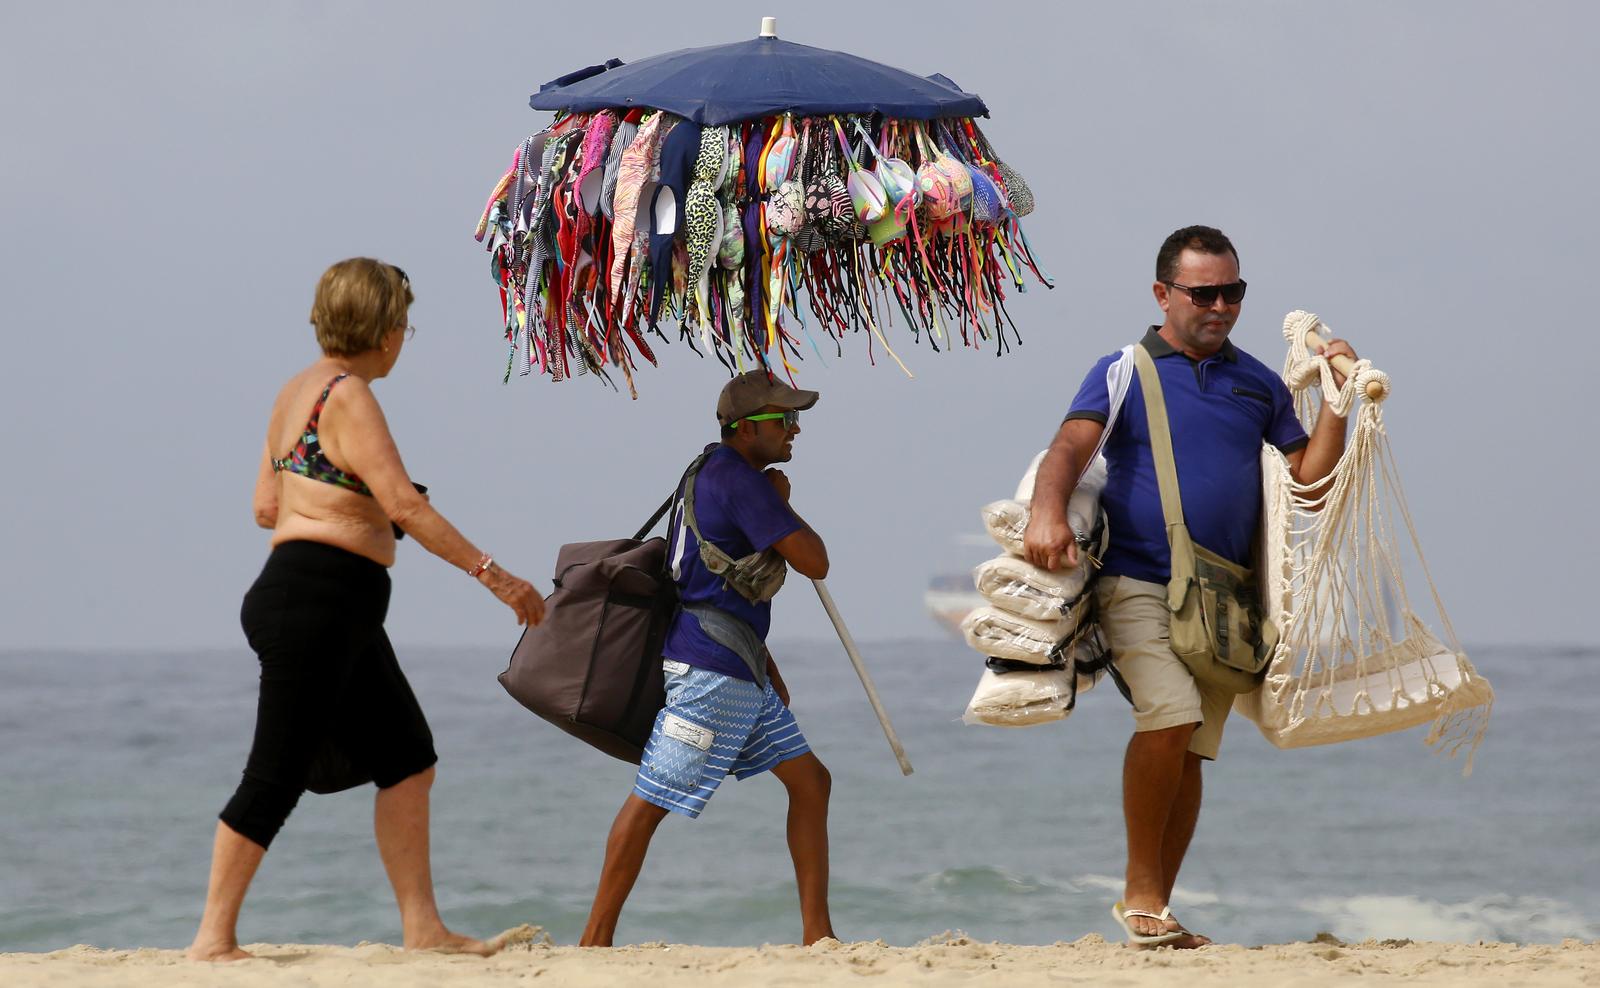 Гостям Олимпиады совсем не обязательно везти купальники с собой, их можно приобрести прямо на пляже